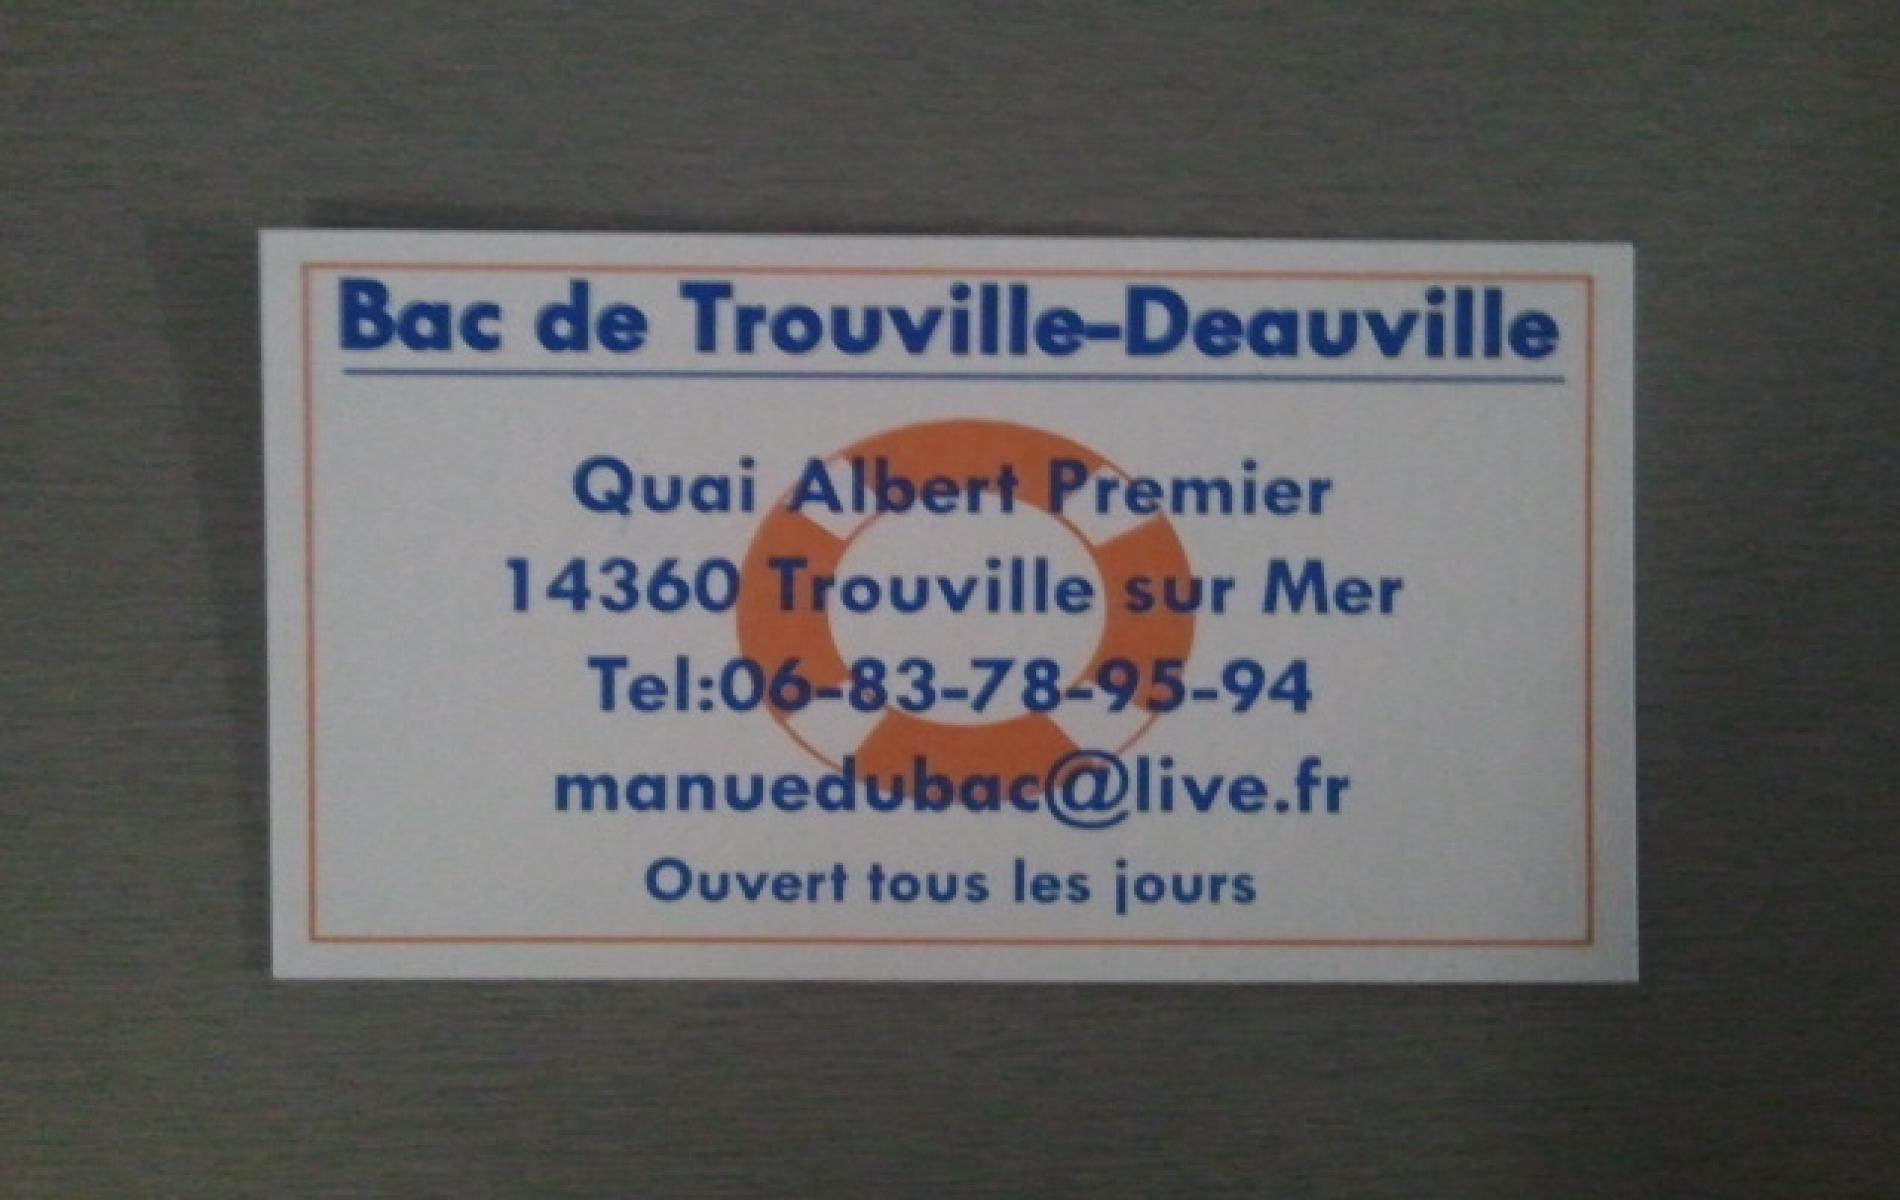 Discovery stay at the hotel les embruns deauville tourism - Office du tourisme de deauville trouville ...